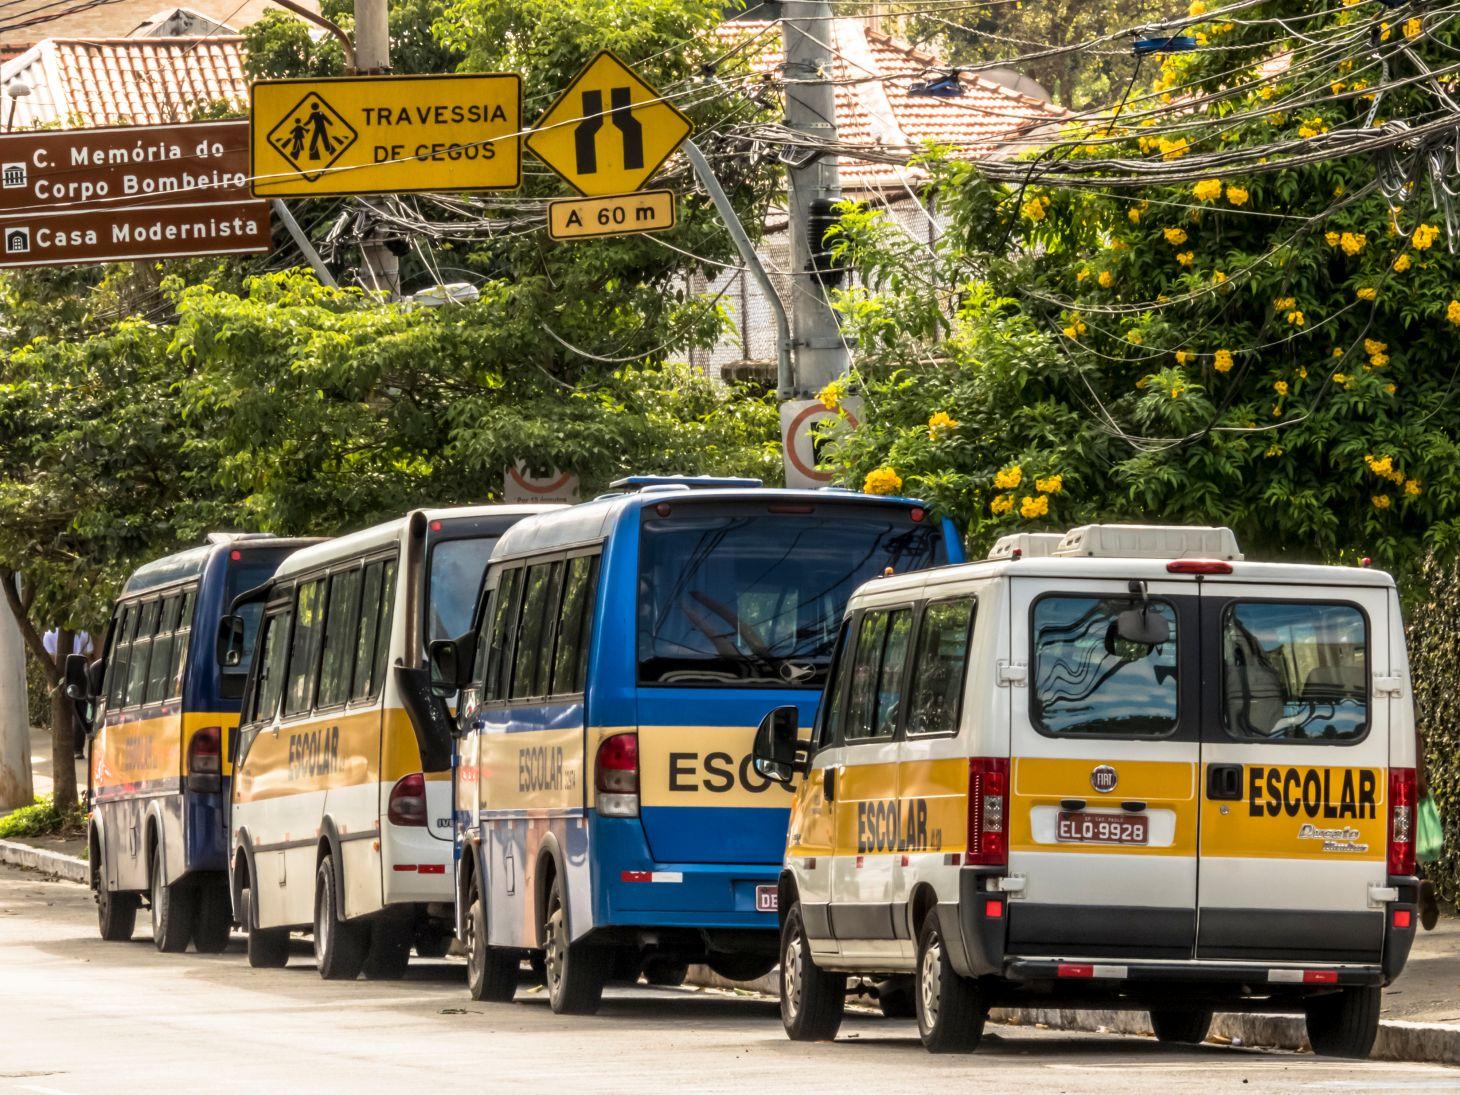 vans escolares e microonibus na porta de escola em rua de sao paulo shutterstock